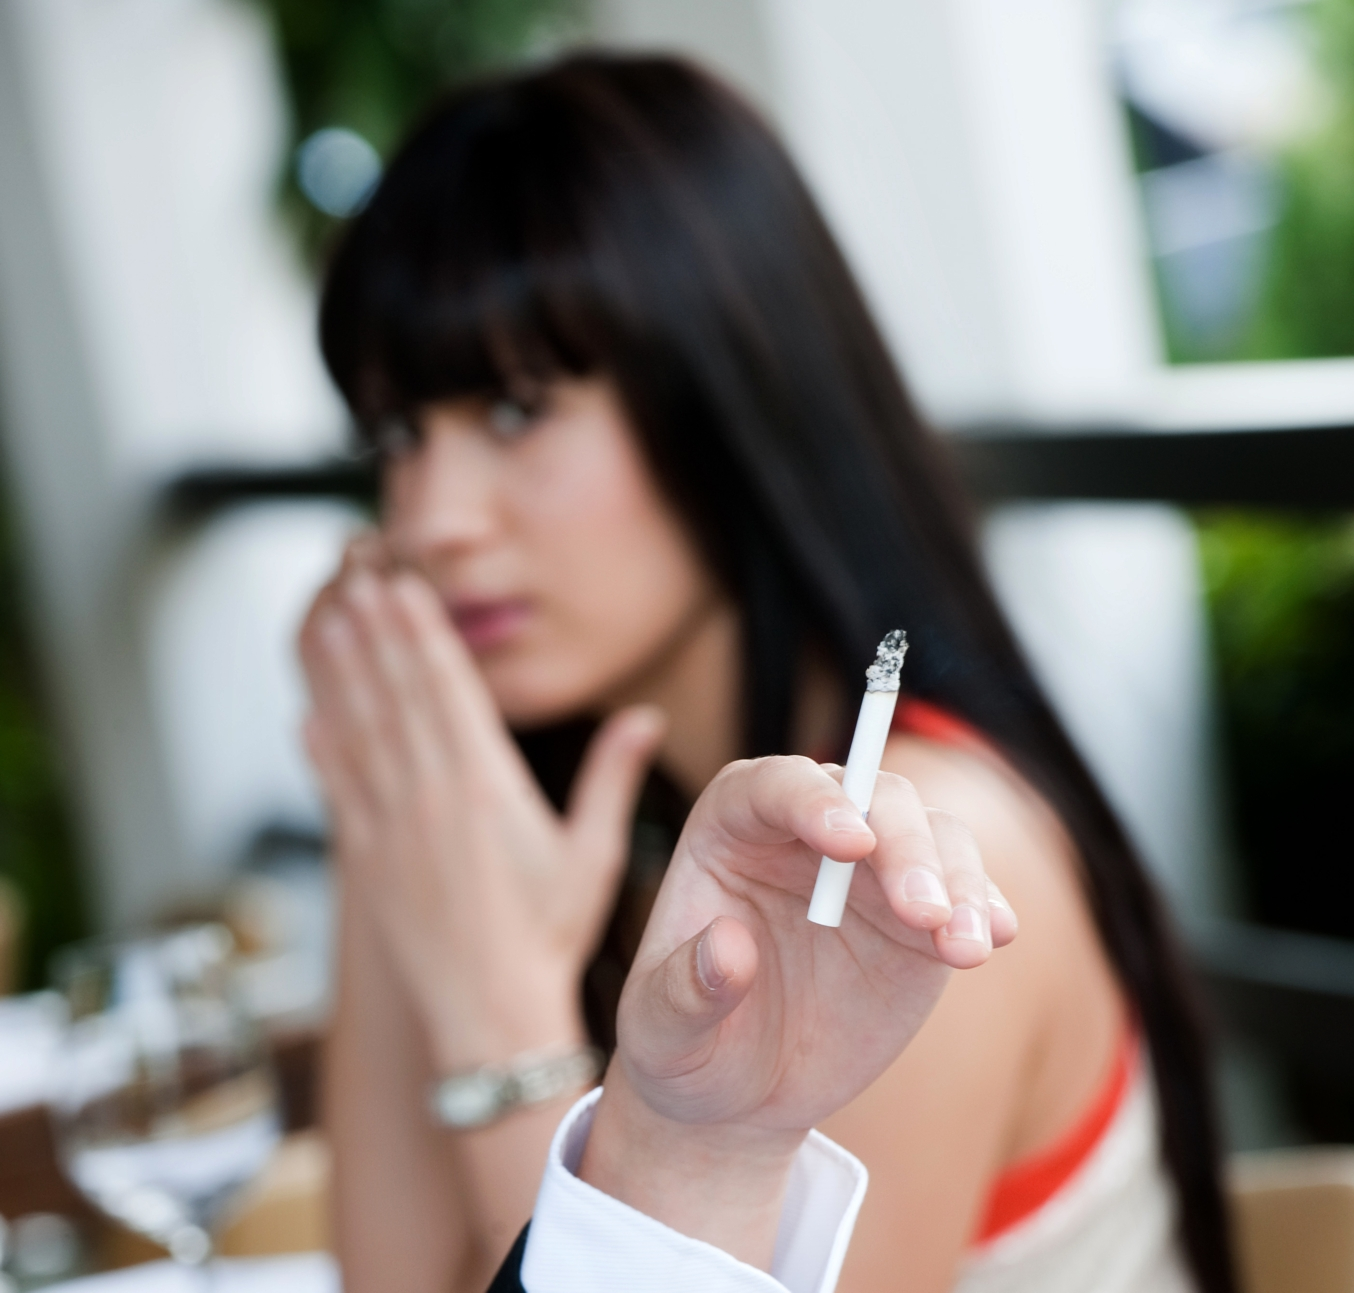 Cigarette smoke sensors